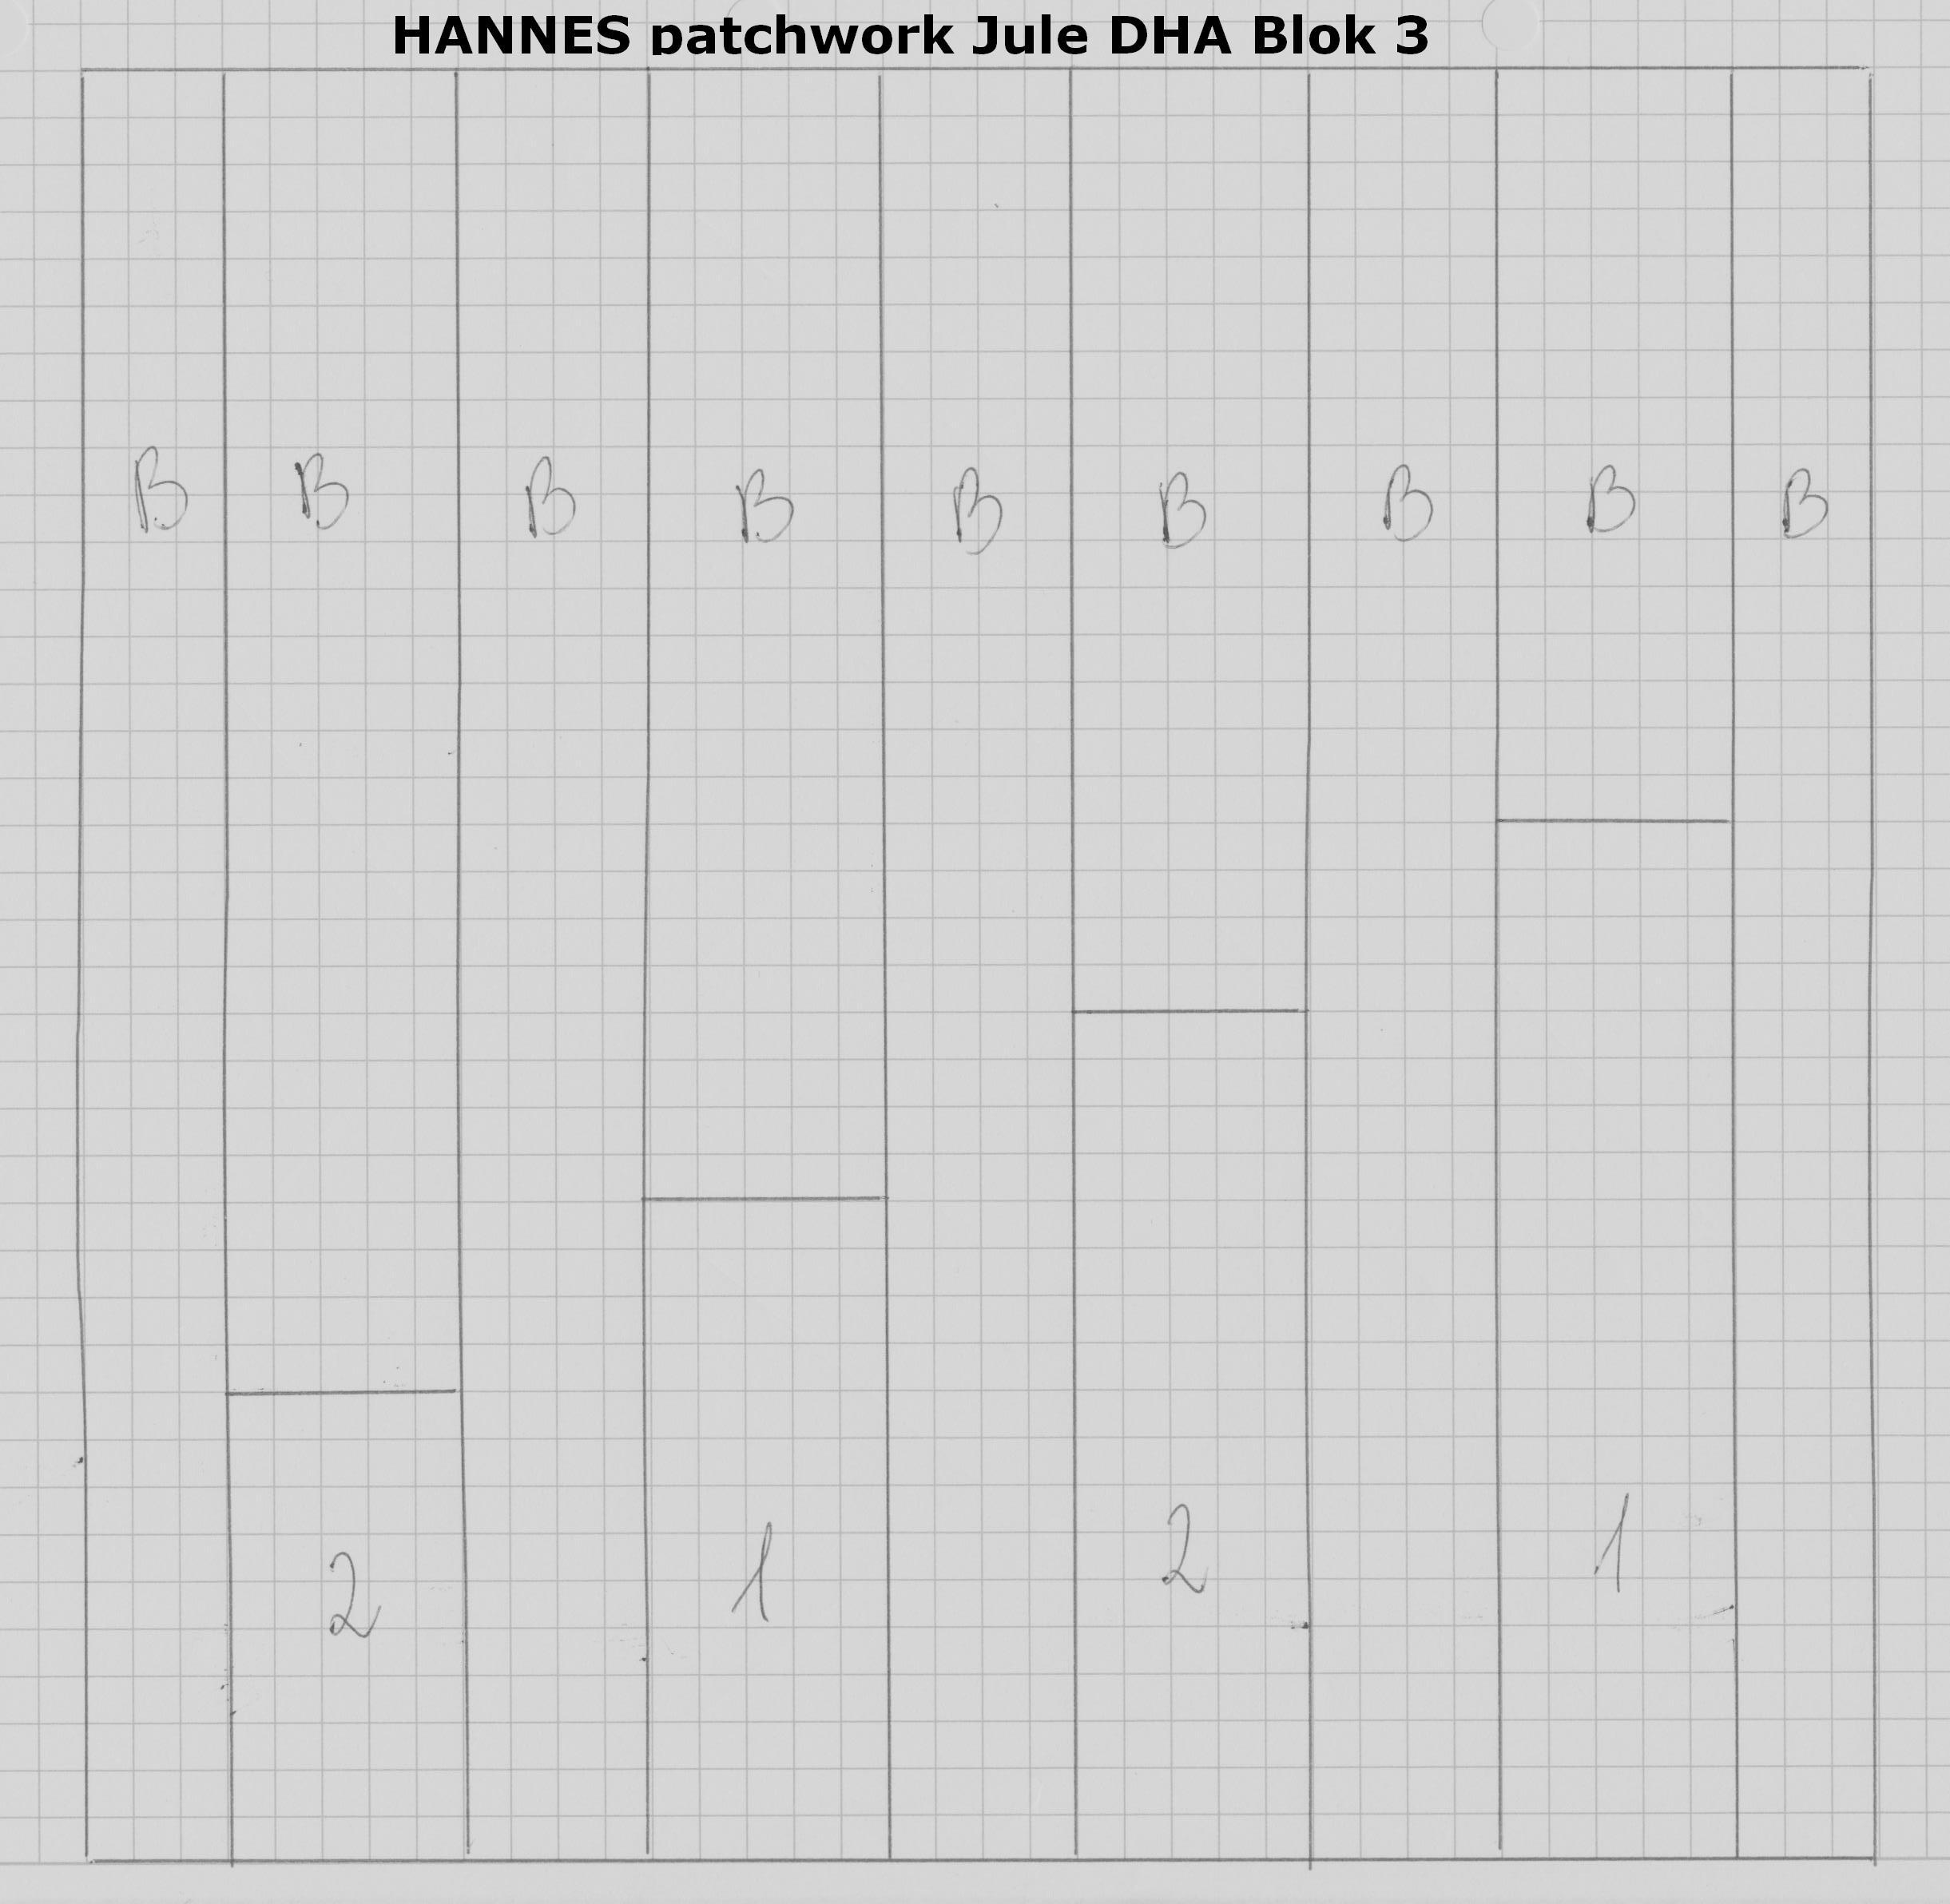 HANNES patchwork Jule DHA Blok 3